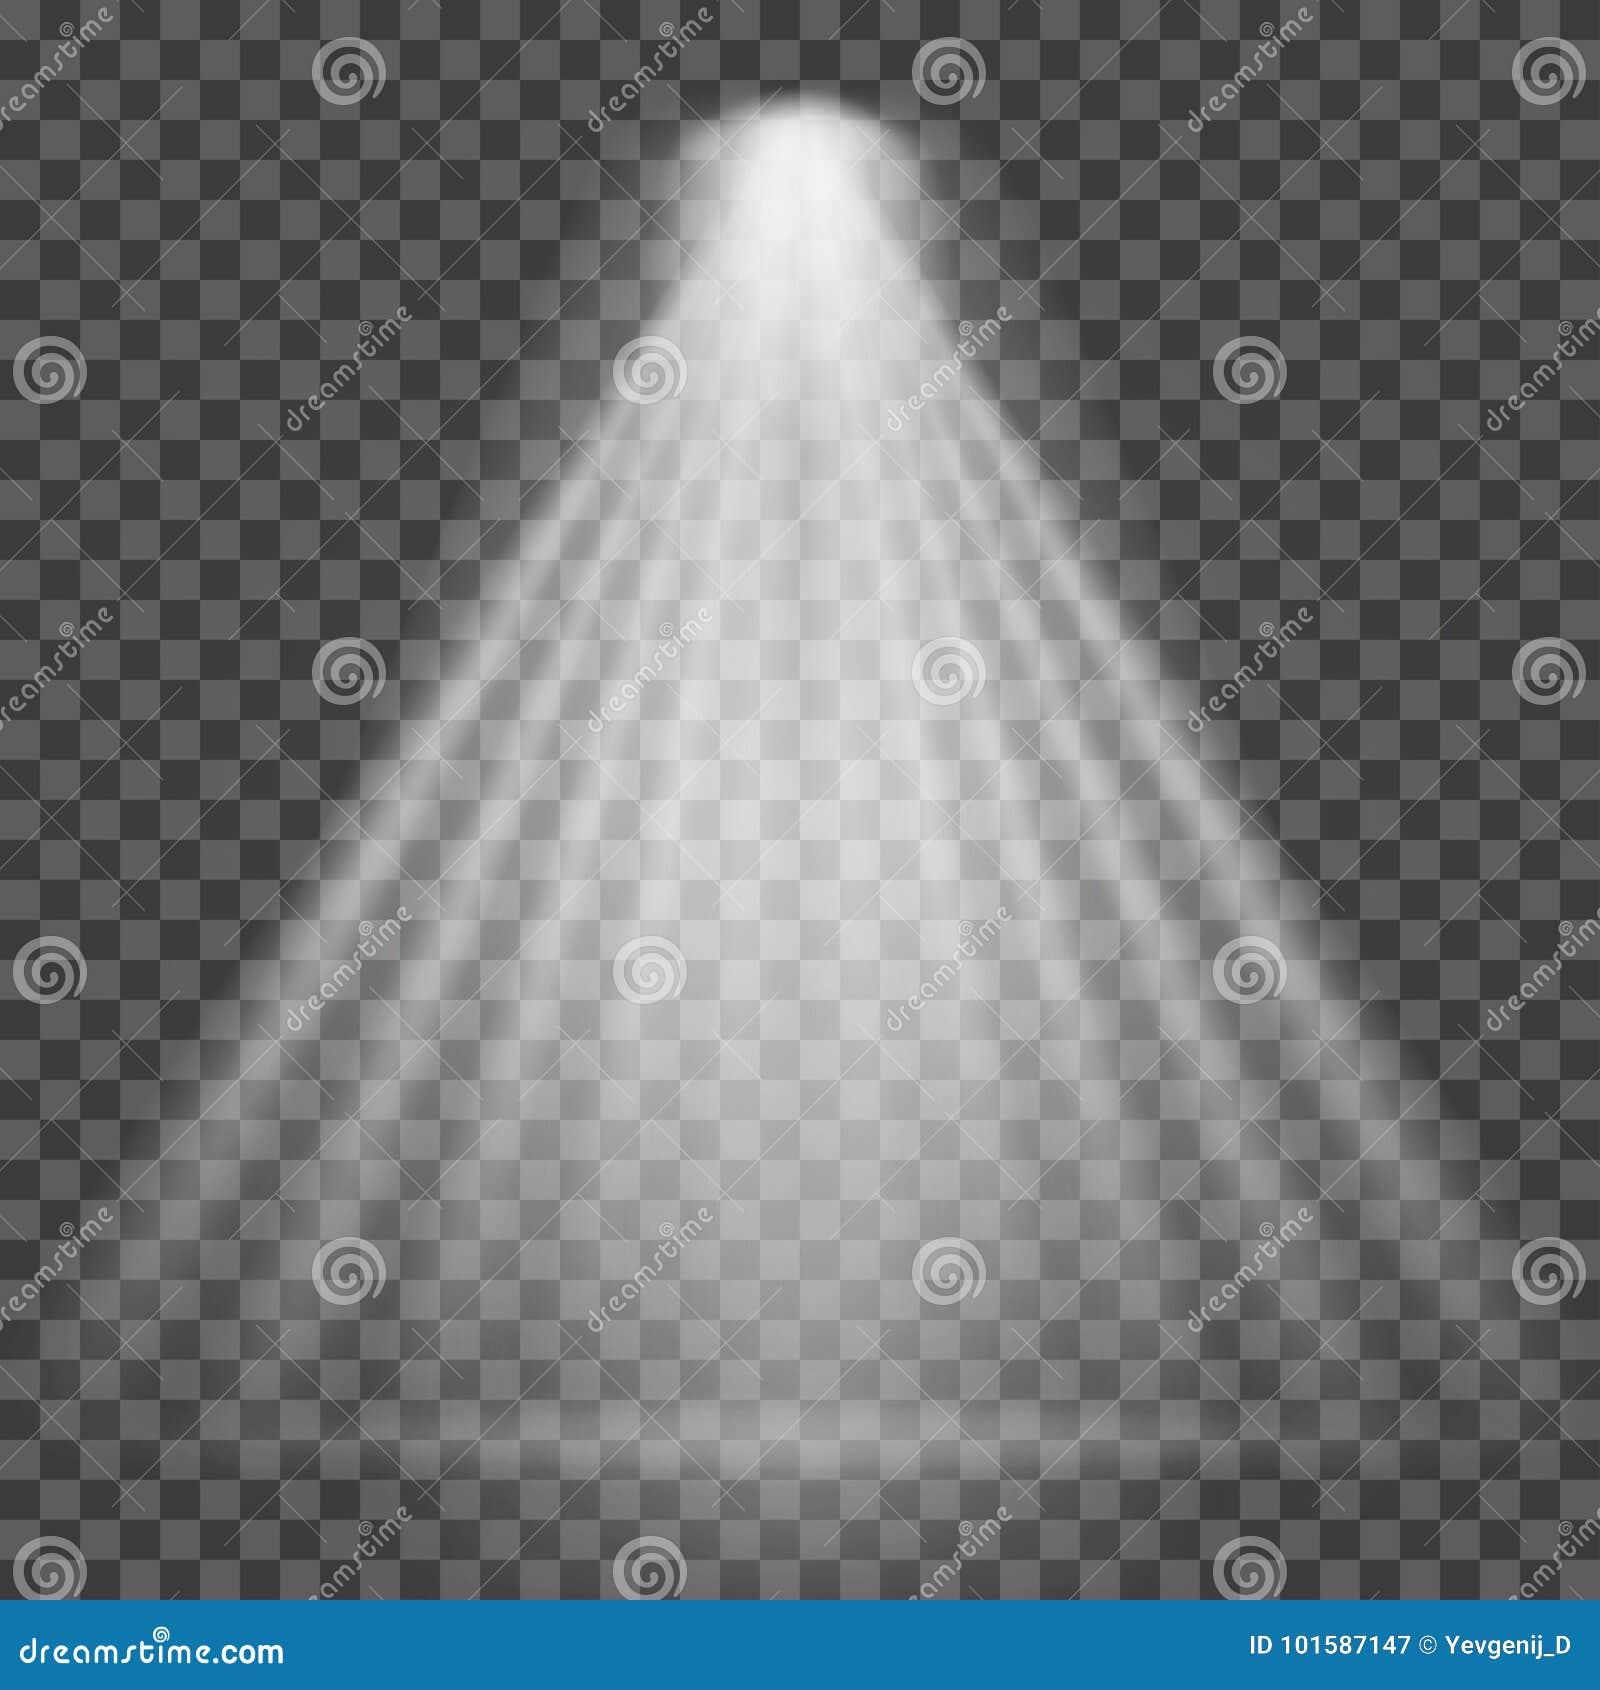 Haz luminoso en fondo transparente Haz luminoso para el reflector, iluminación del proyector brillante de la escena